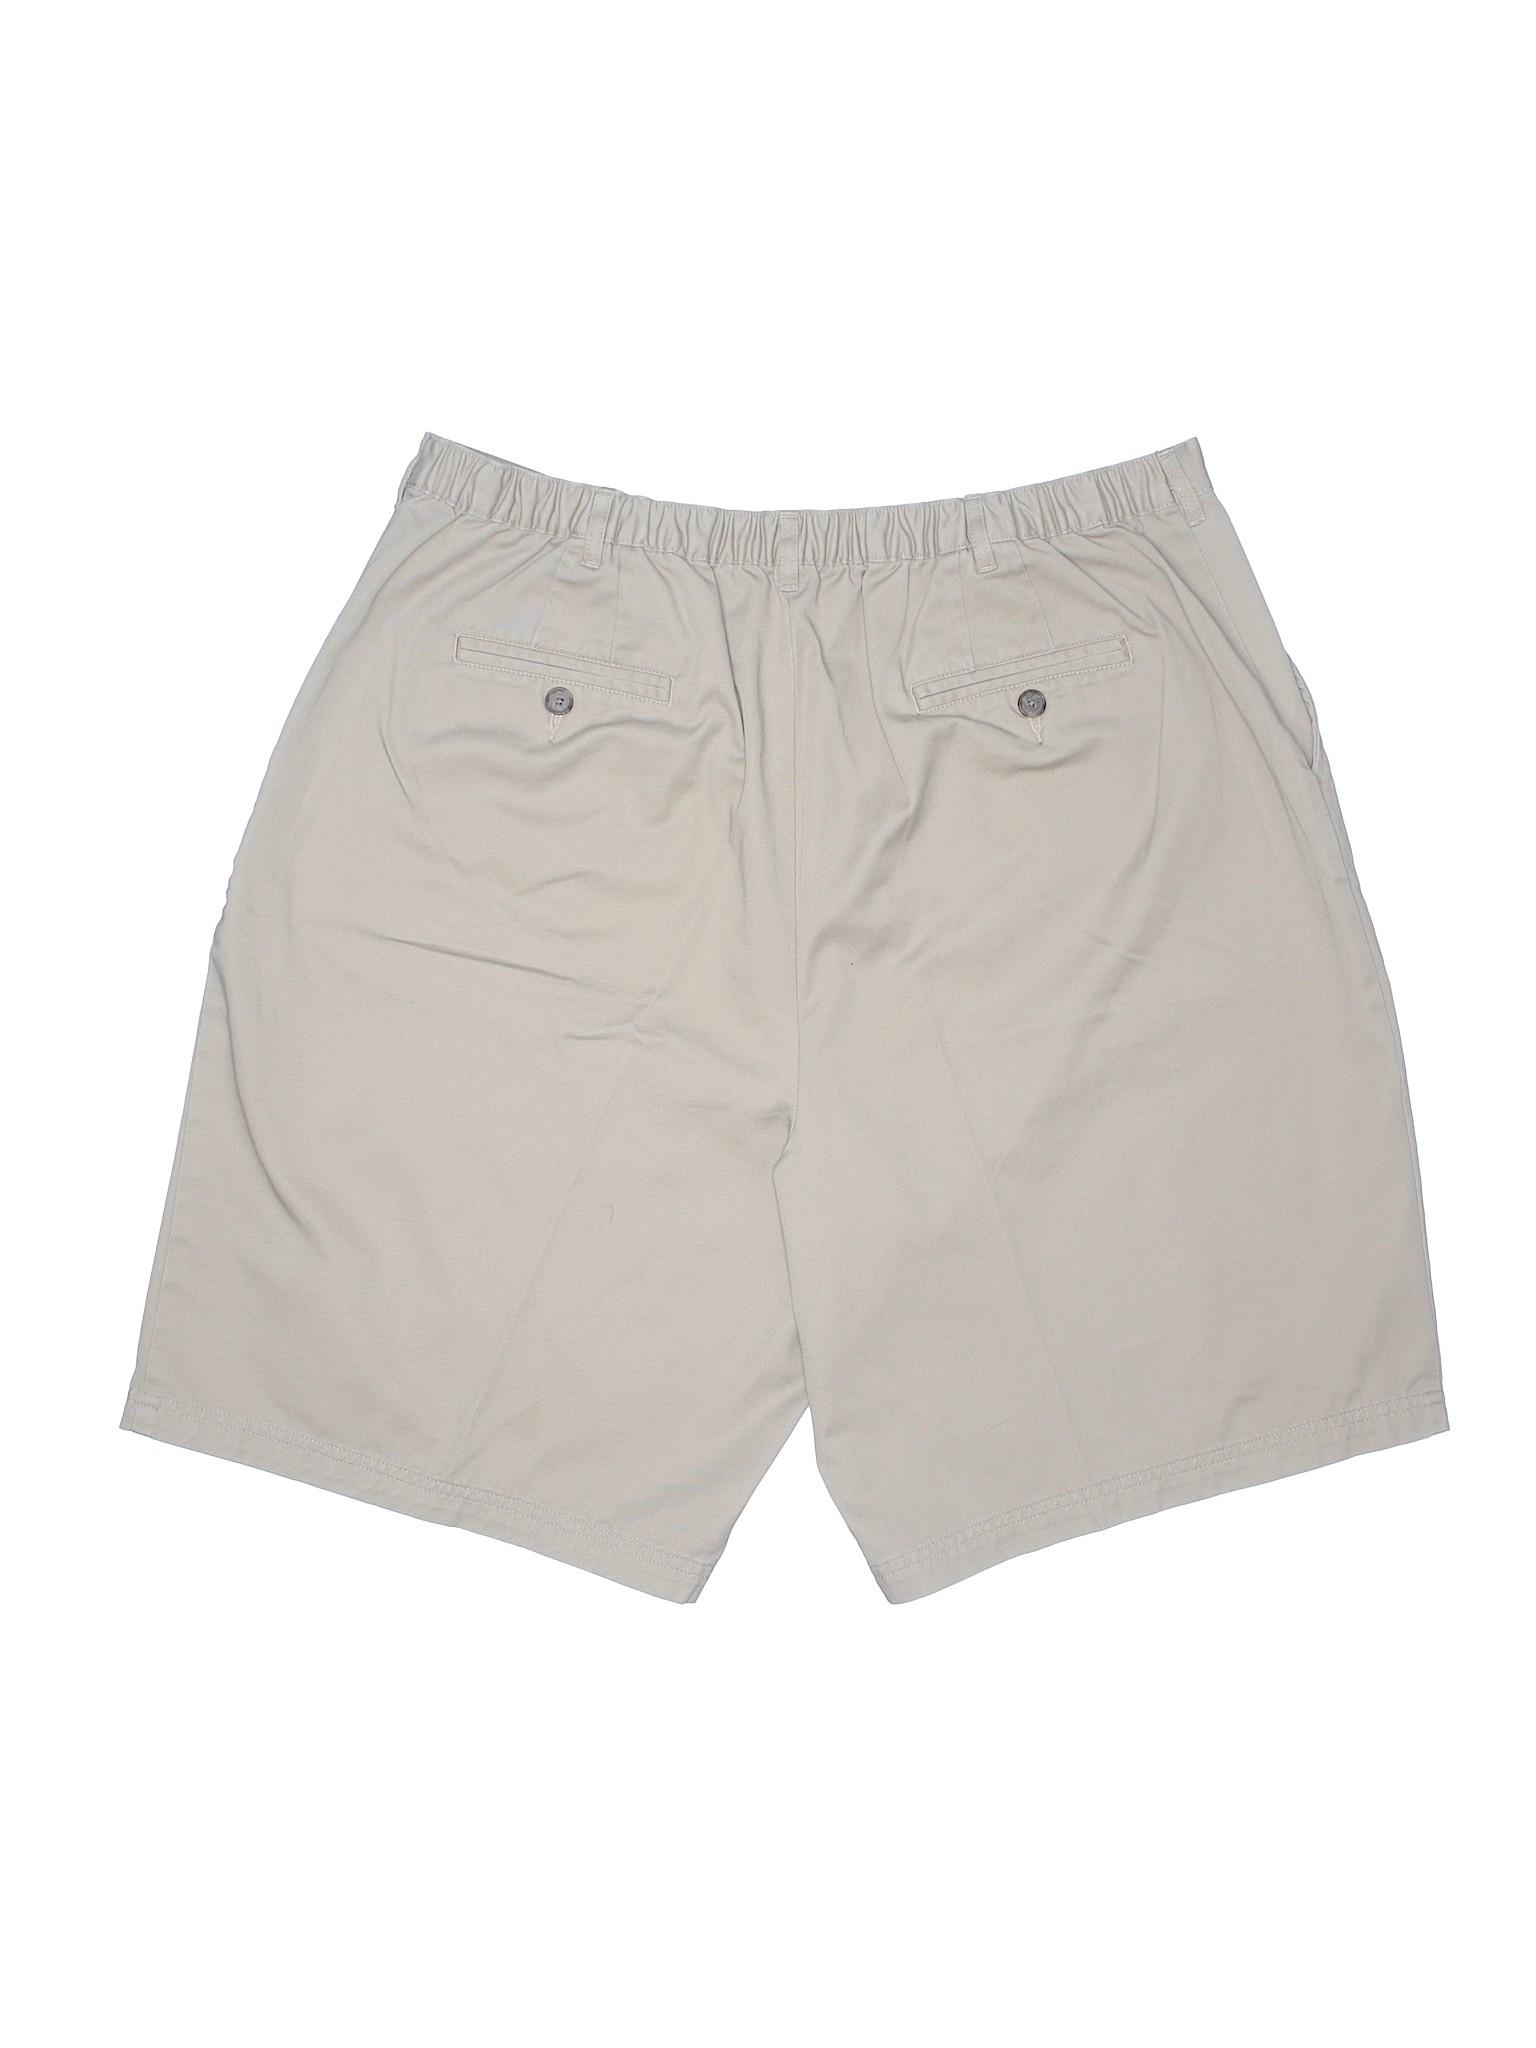 Lands' Boutique End Boutique Khaki Shorts Lands' BHzERZn